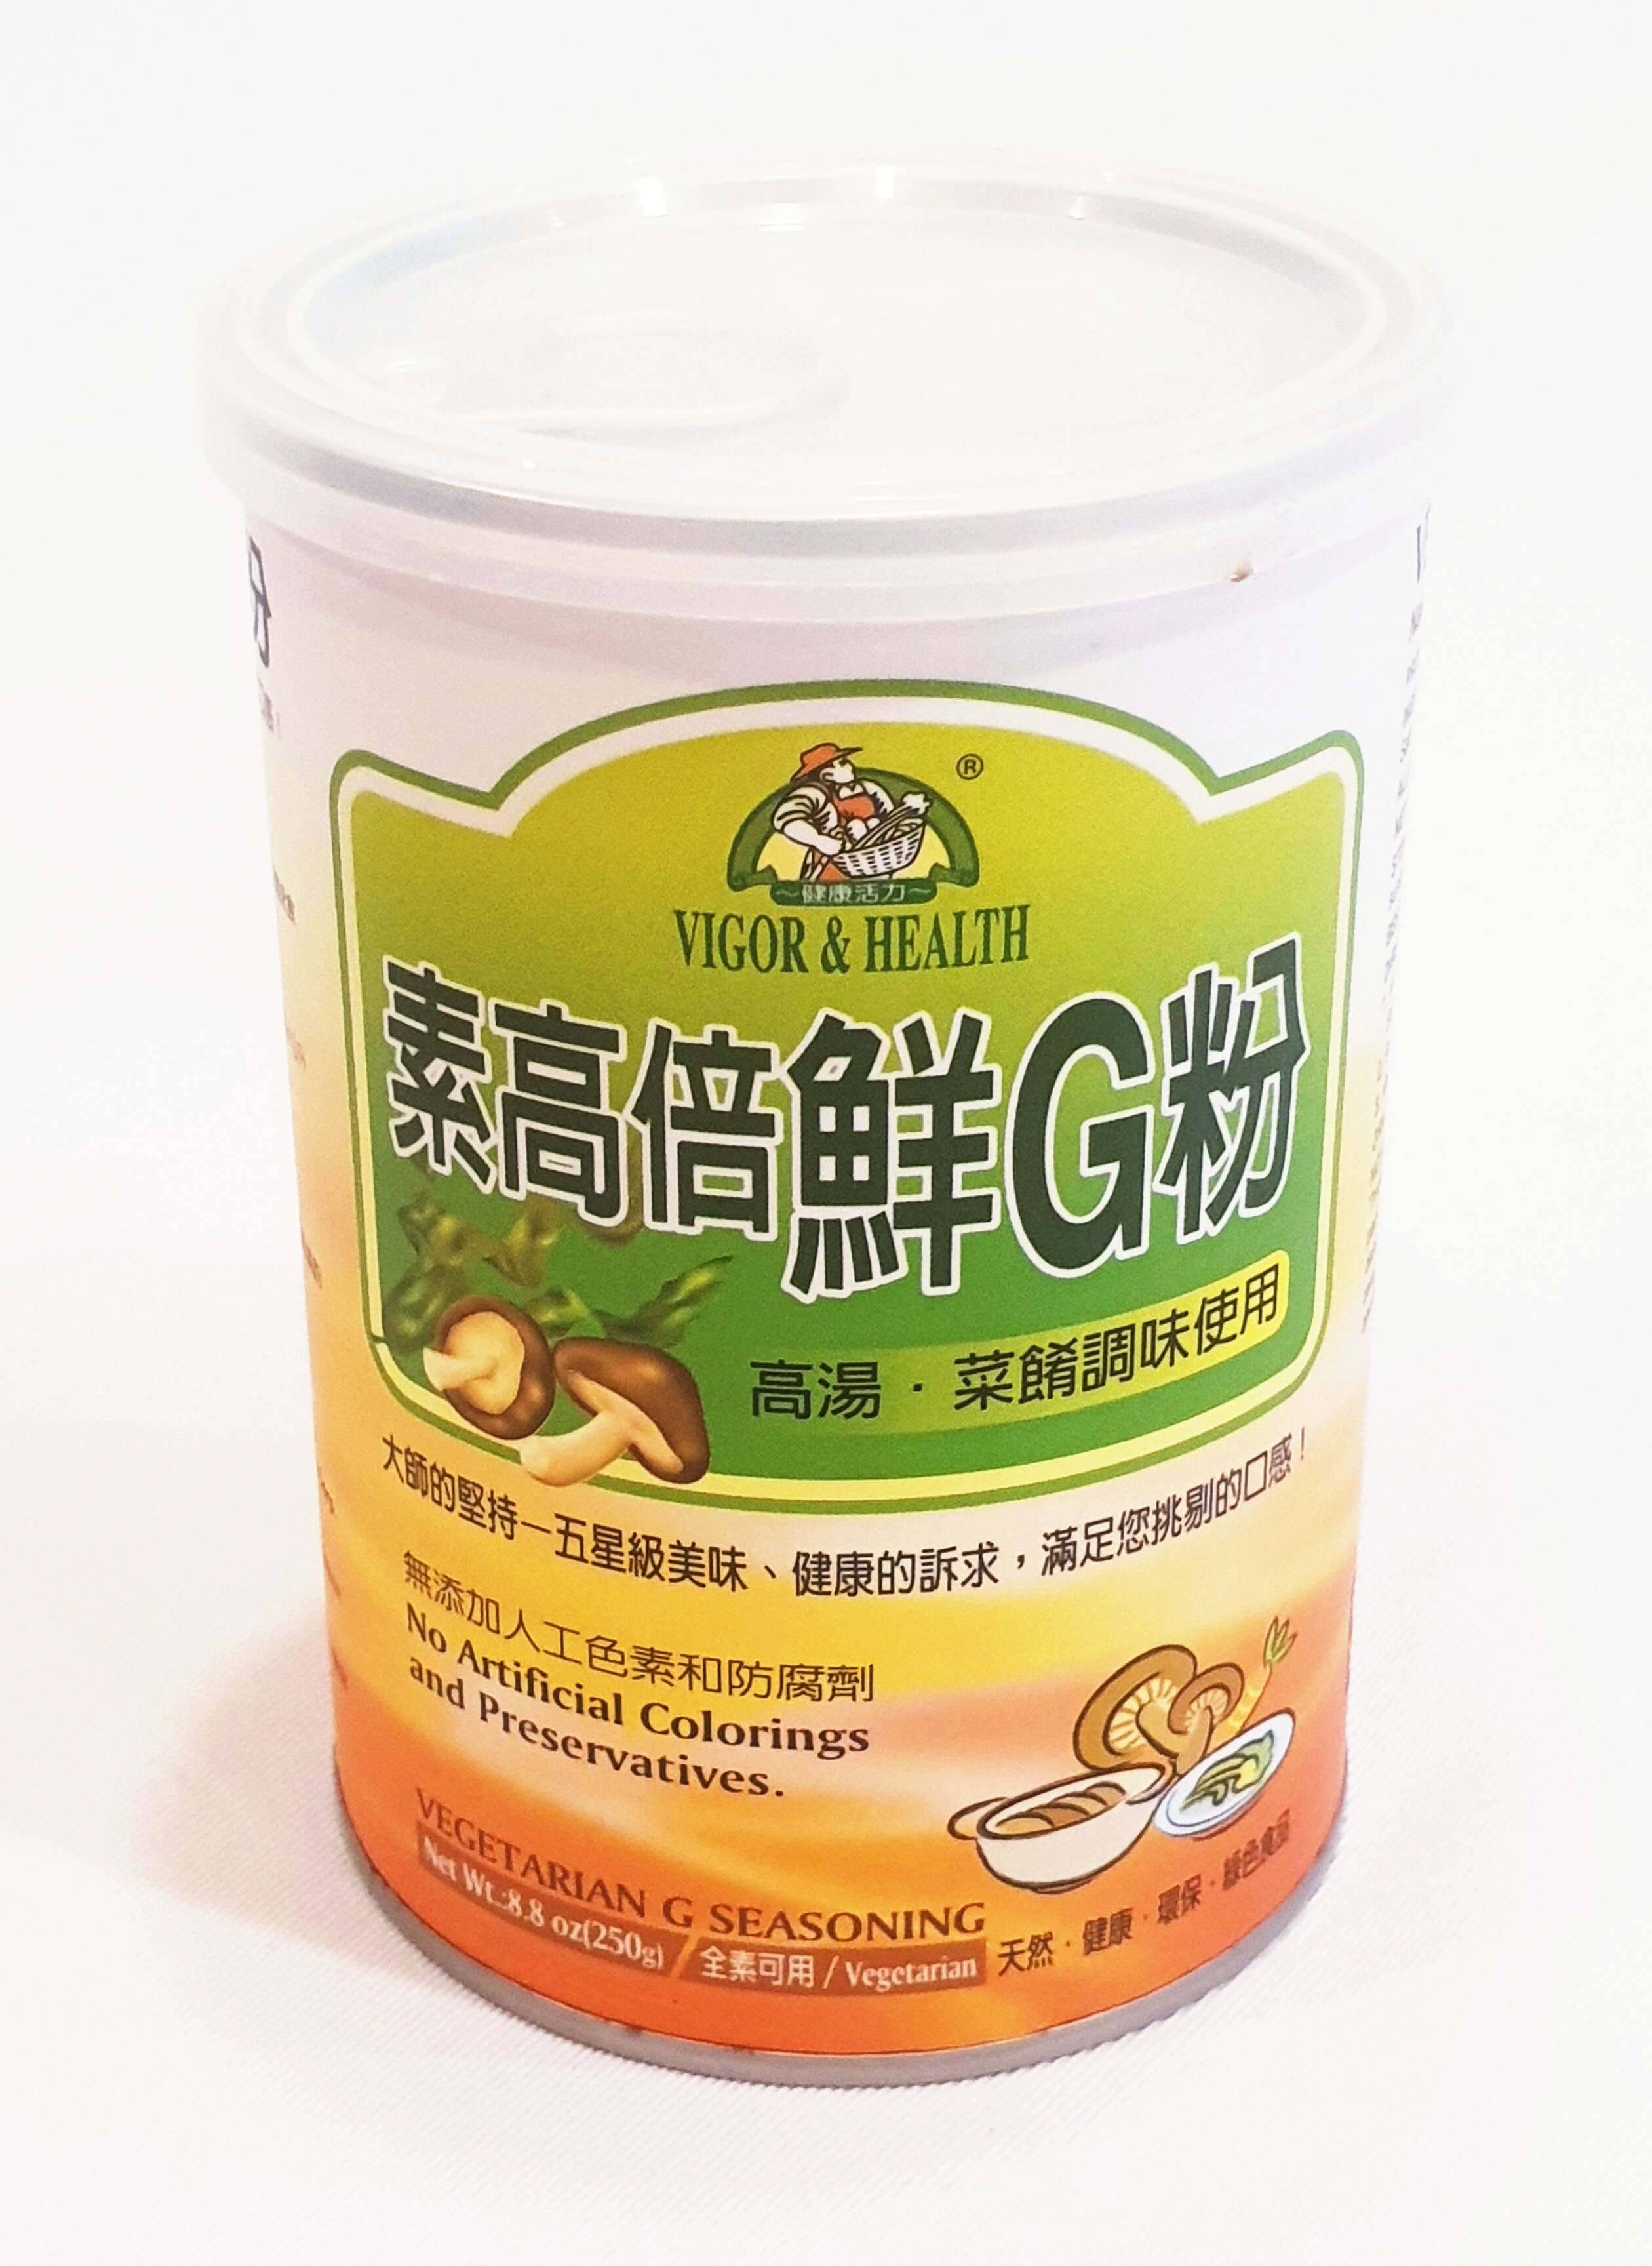 有機廚坊 素高倍鮮G粉 250公克/罐 全素調理味素 (產地台灣)